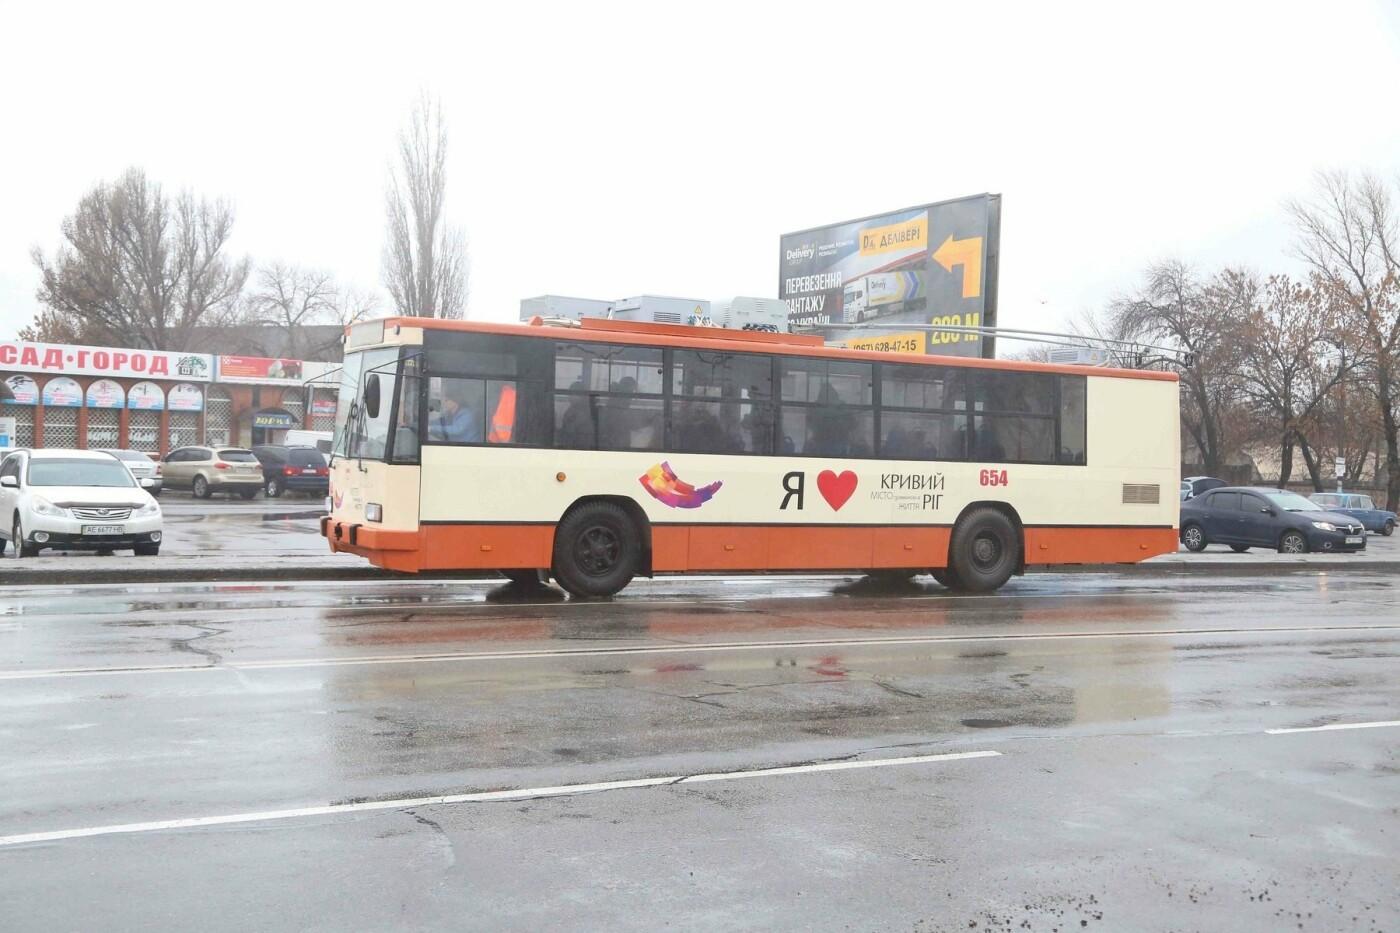 В Кривом Роге на линию вышел восьмой гибридный троллейбус, - ФОТО , фото-1